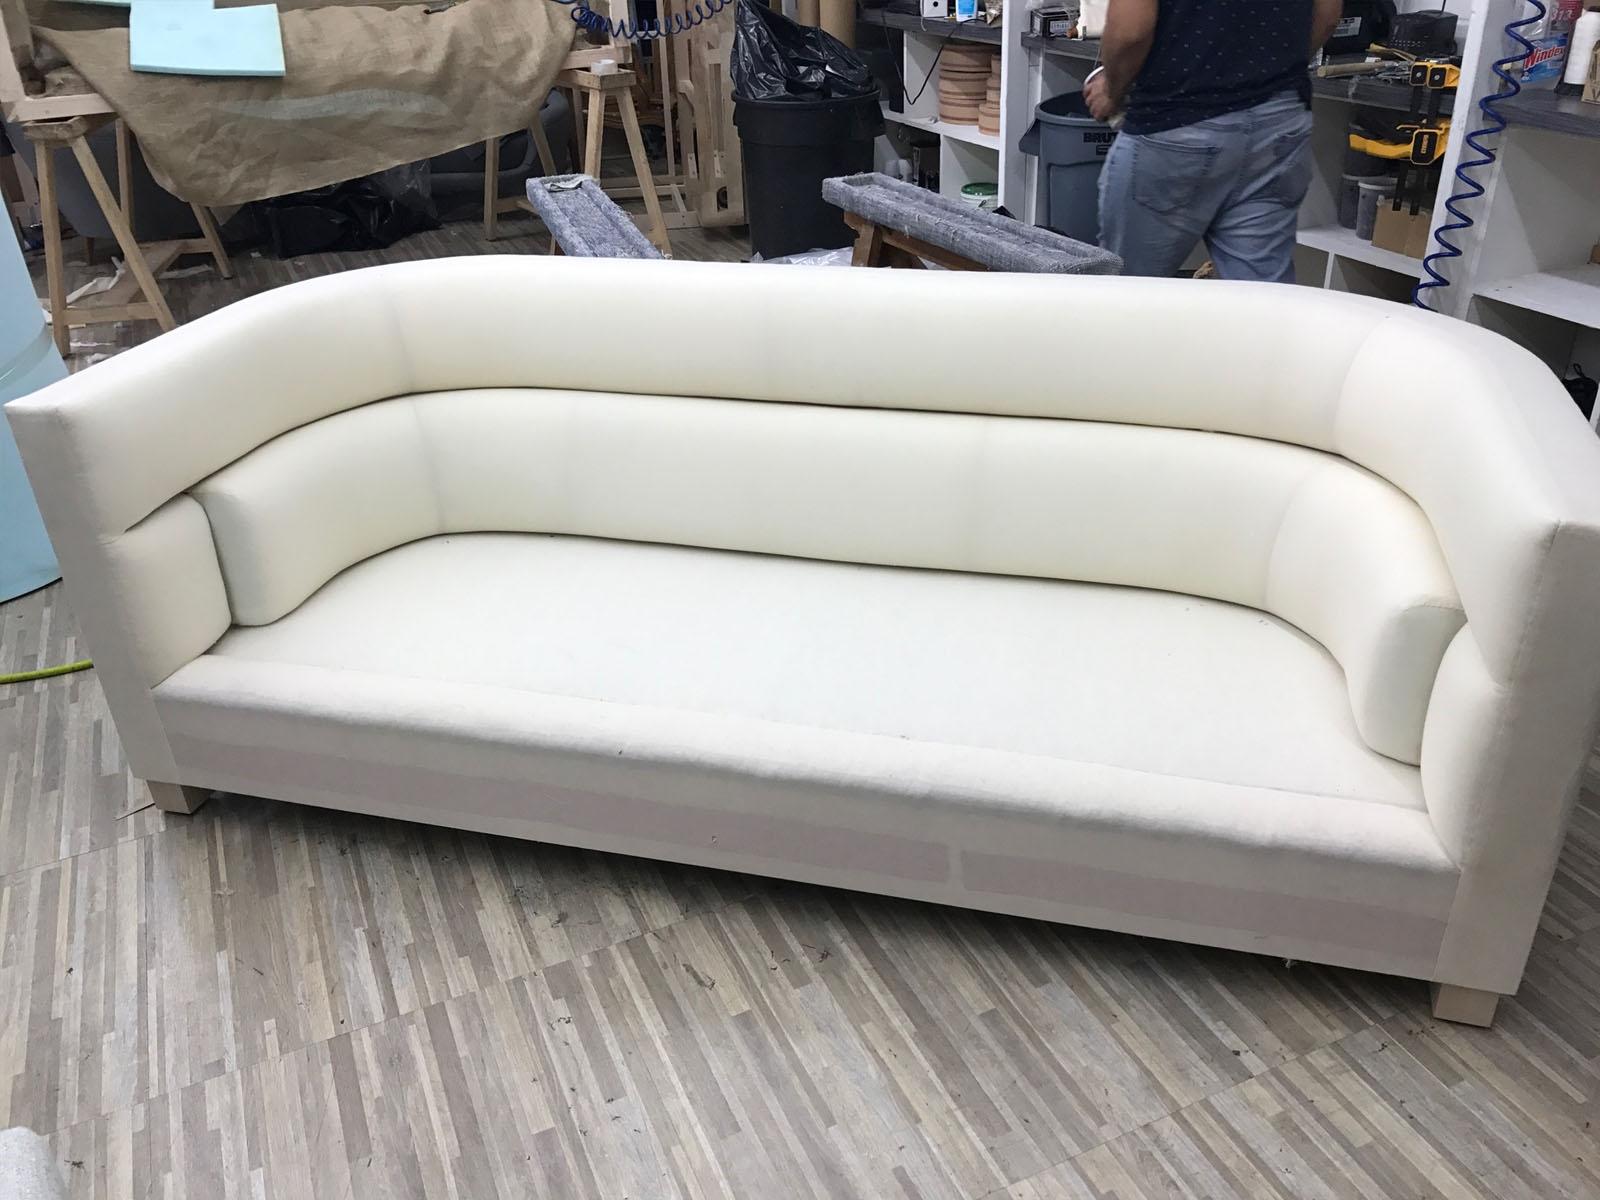 sofa_14.jpg